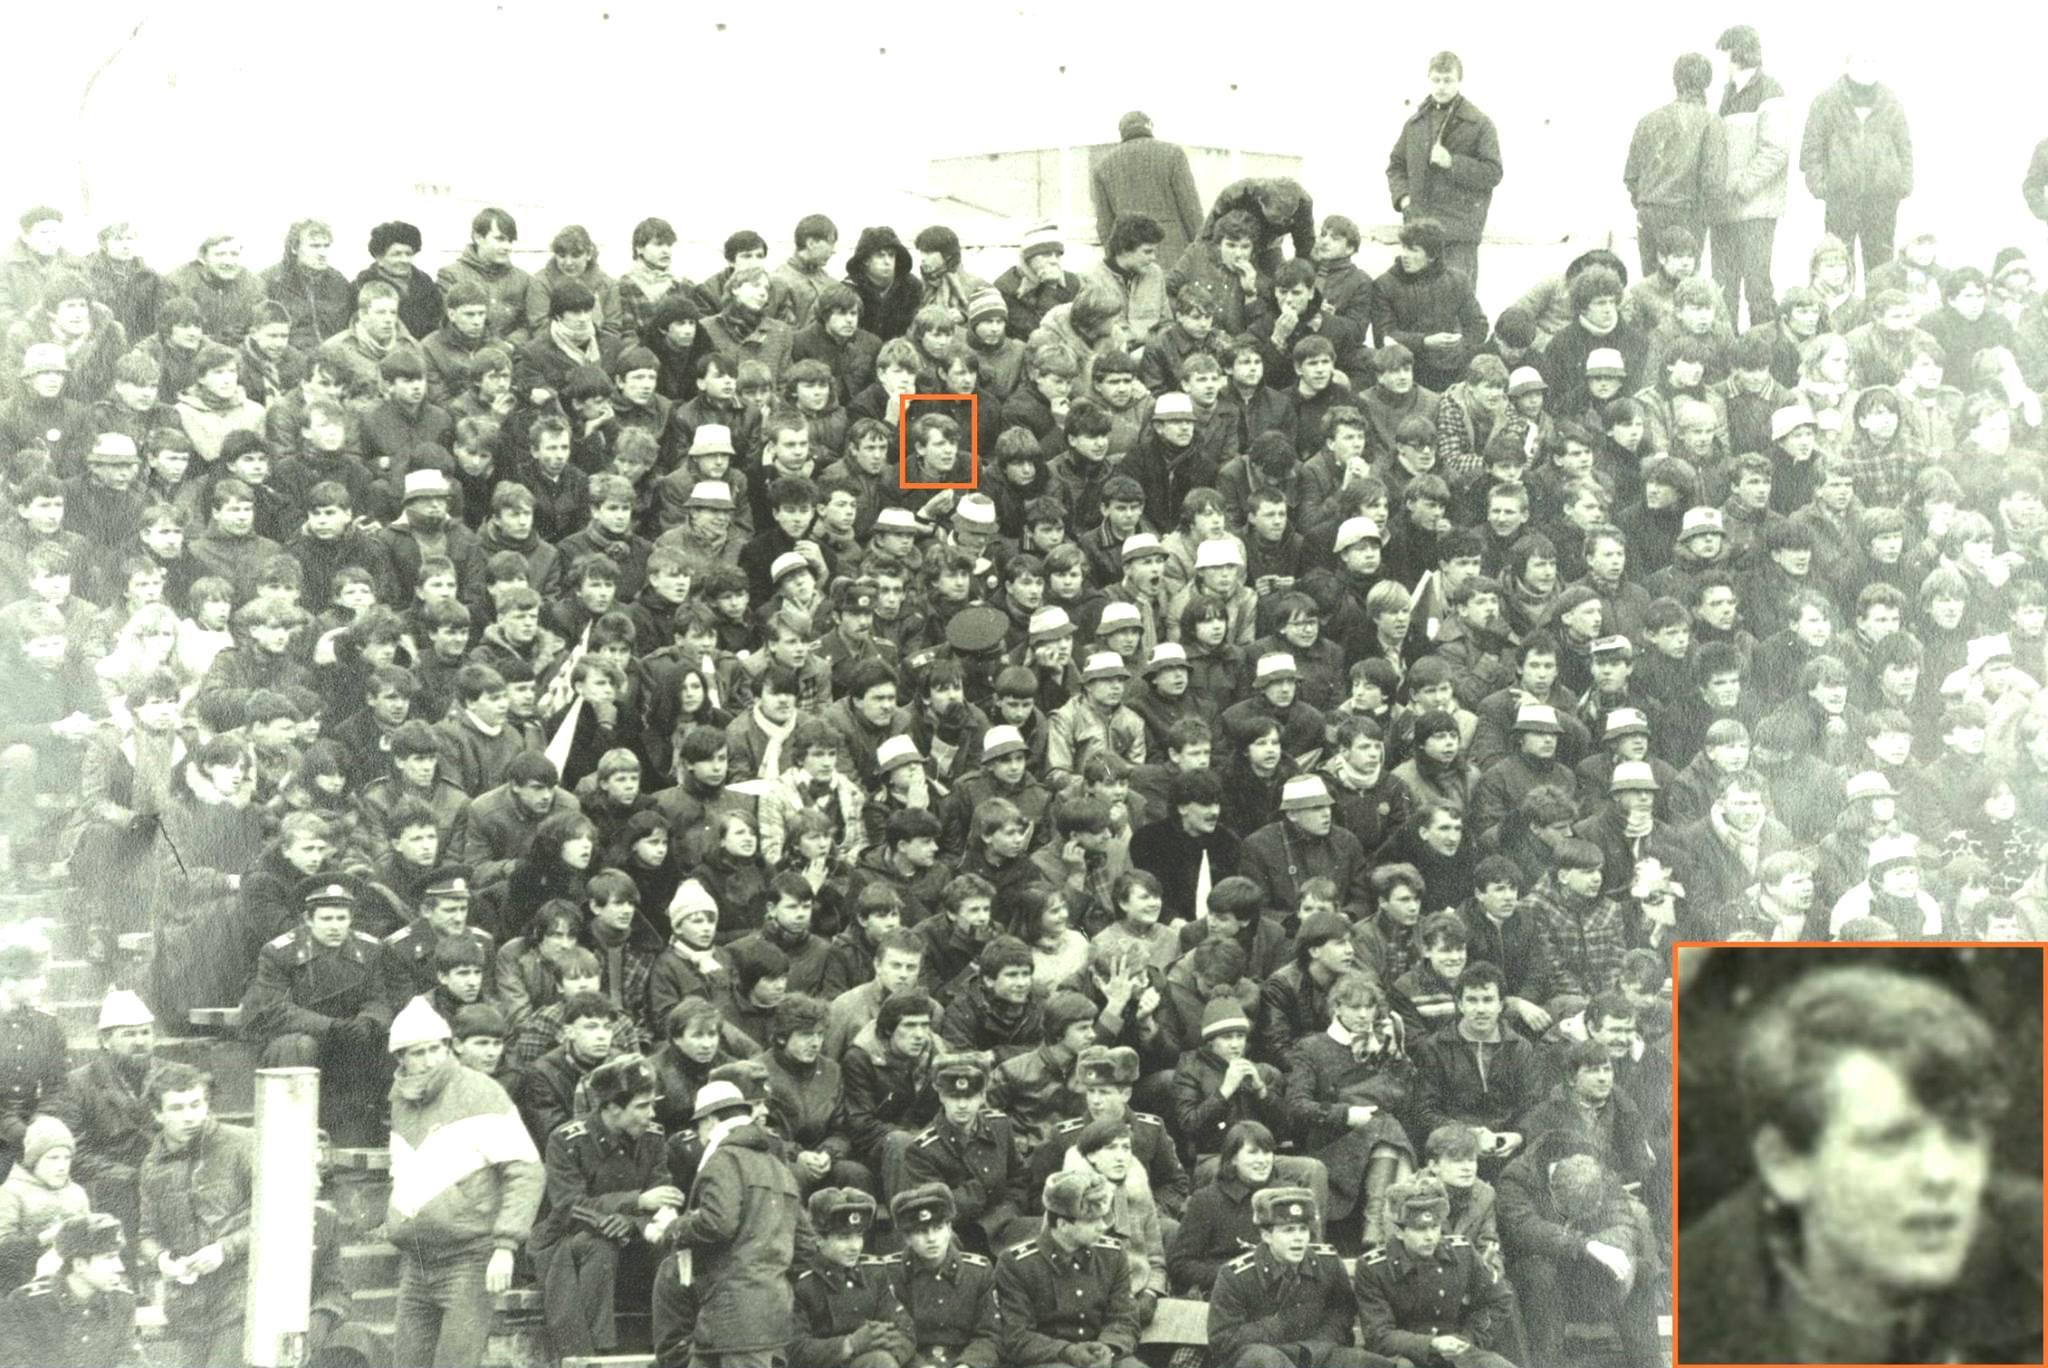 """Vilniaus """"Žalgirio"""" futbolo komandos sirgaliai per rungtynes (1985-03-15). Pažymėtas ir atskirai išskirtas rašinio autorius Povilas Girdenis. LSSR KGB darbuotojų daryta nuotrauka. Lietuvos ypatingasis archyvas, f. K-18, ap. 2, b. 202, t. 1, l. 269."""